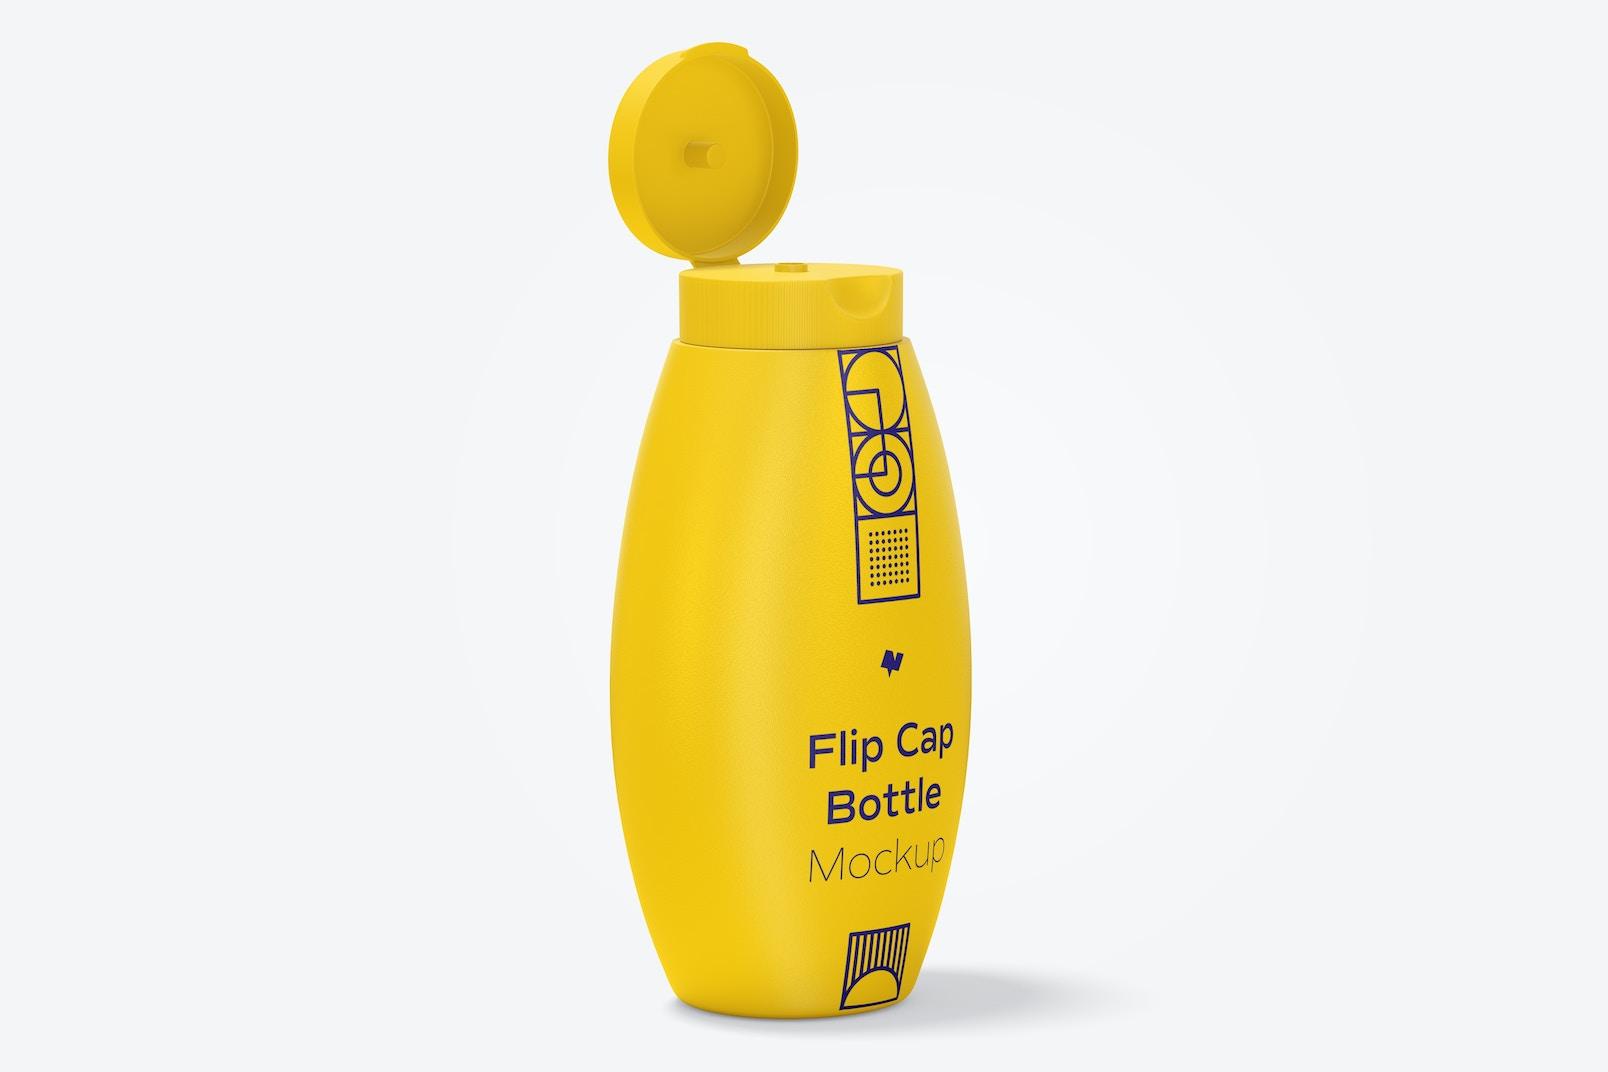 Flip Cap Bottle Mockup, Opened